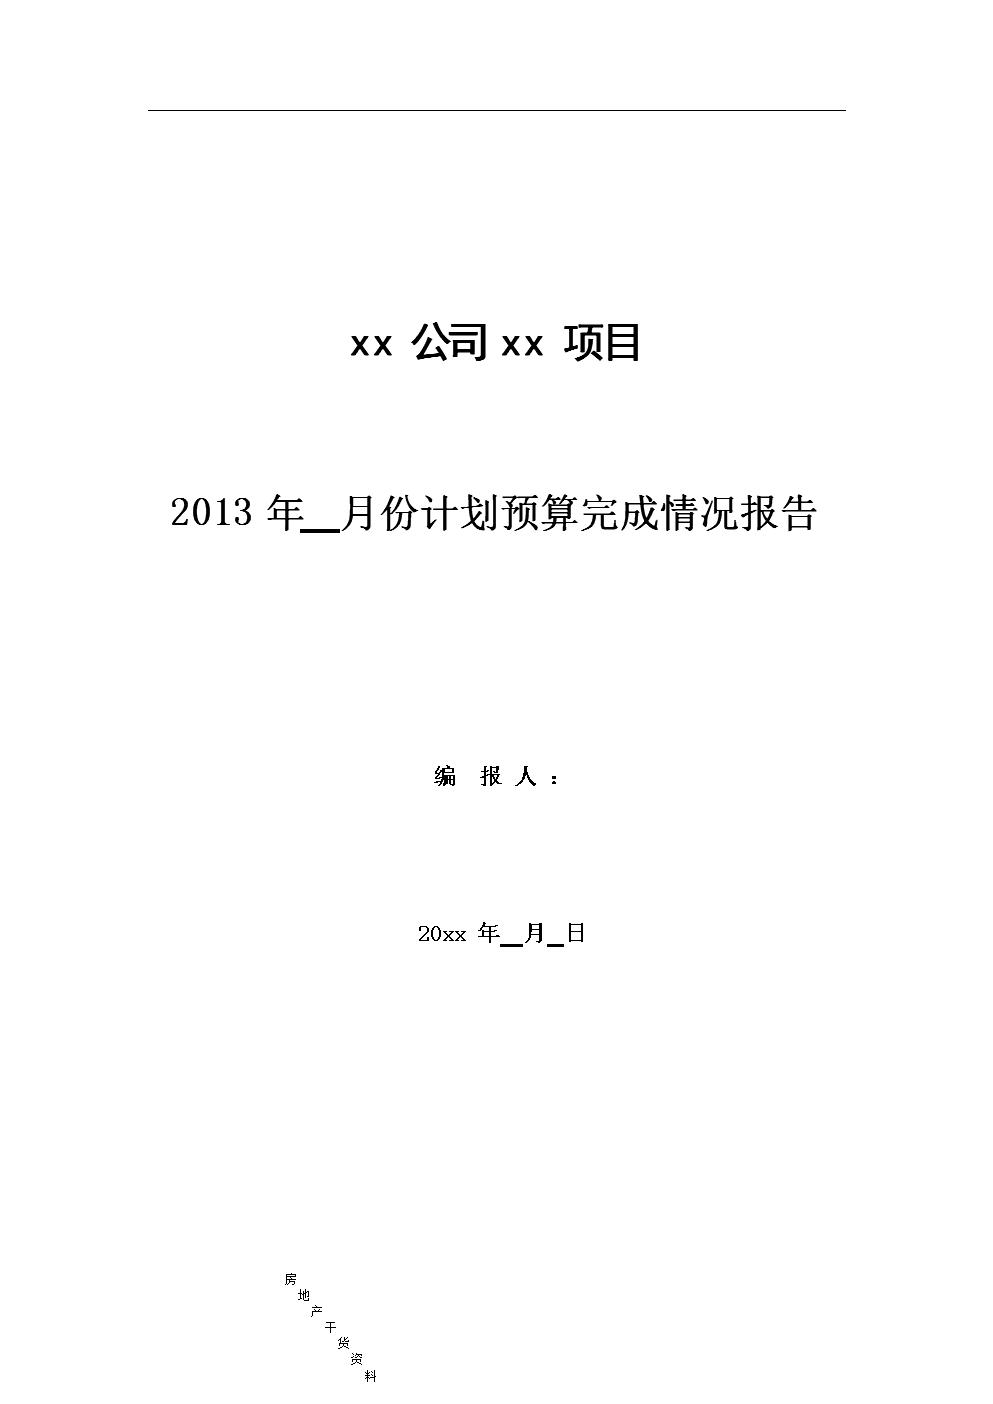 項目層面:項目月度經營情況分析報告-房地產-2020_解密.docx